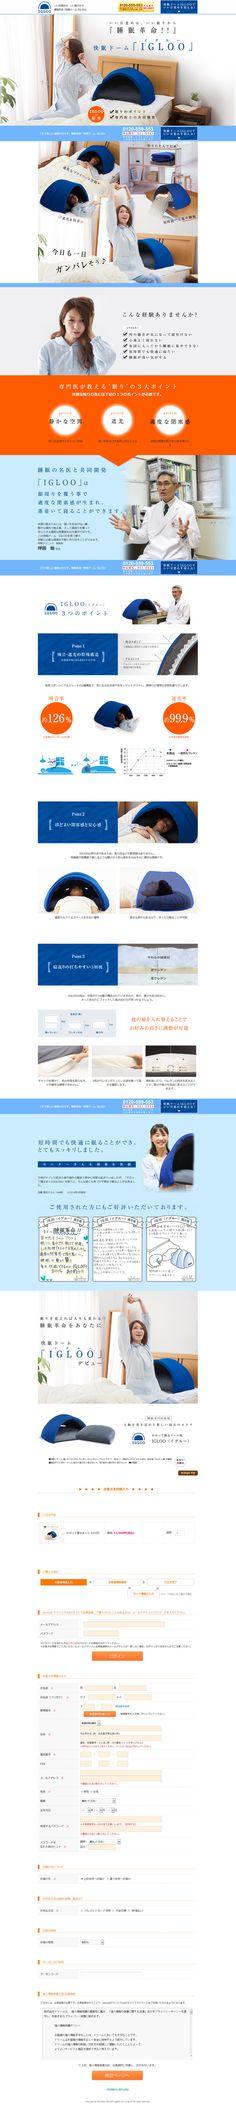 ランディングページ LP 快眠ドームIGLOO|スキンケア・美容商品|自社サイト